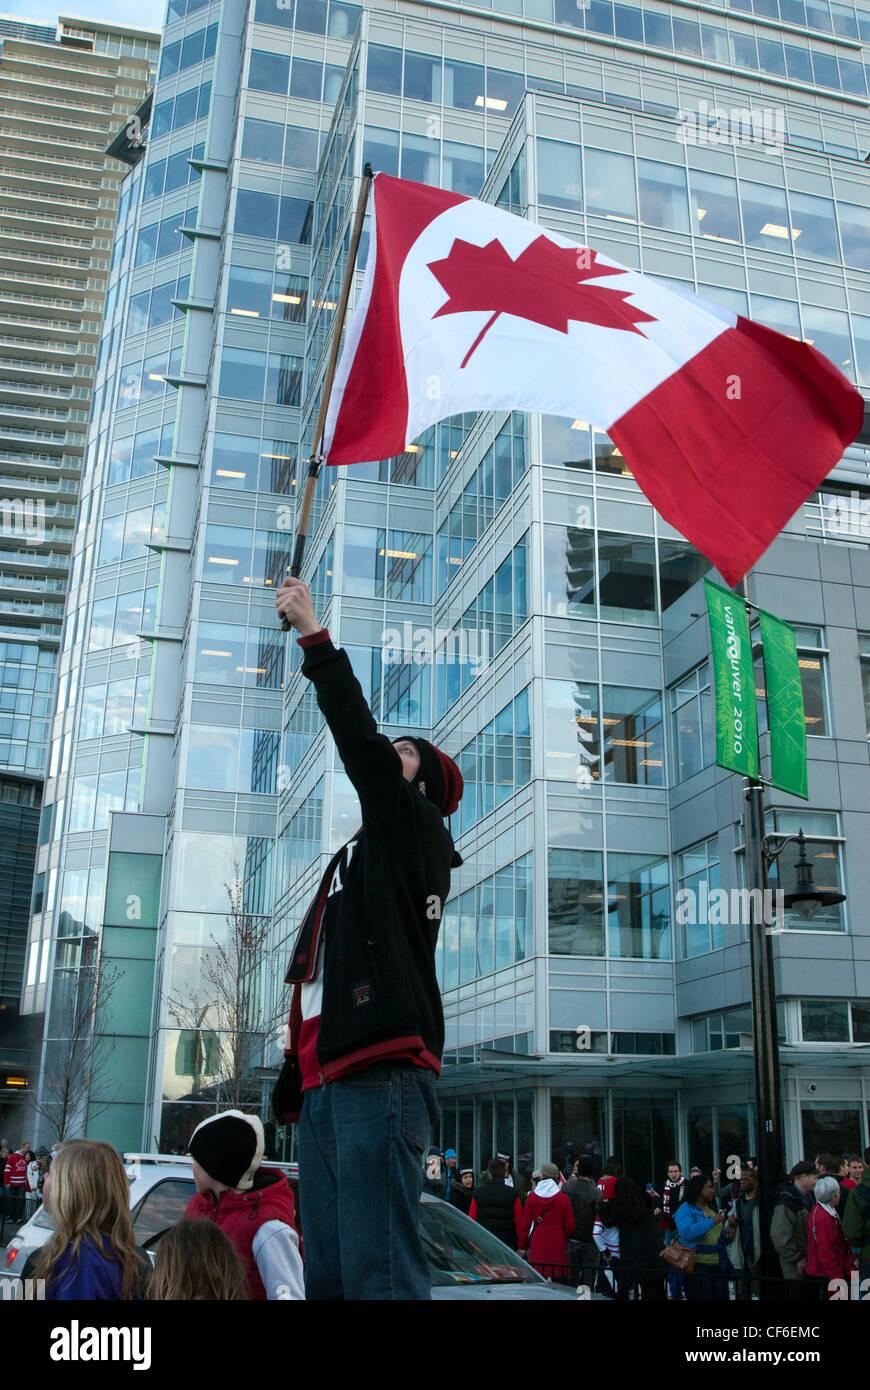 Patriotismo en Canadá, hombre ondeando la bandera Canadiense Imagen De Stock